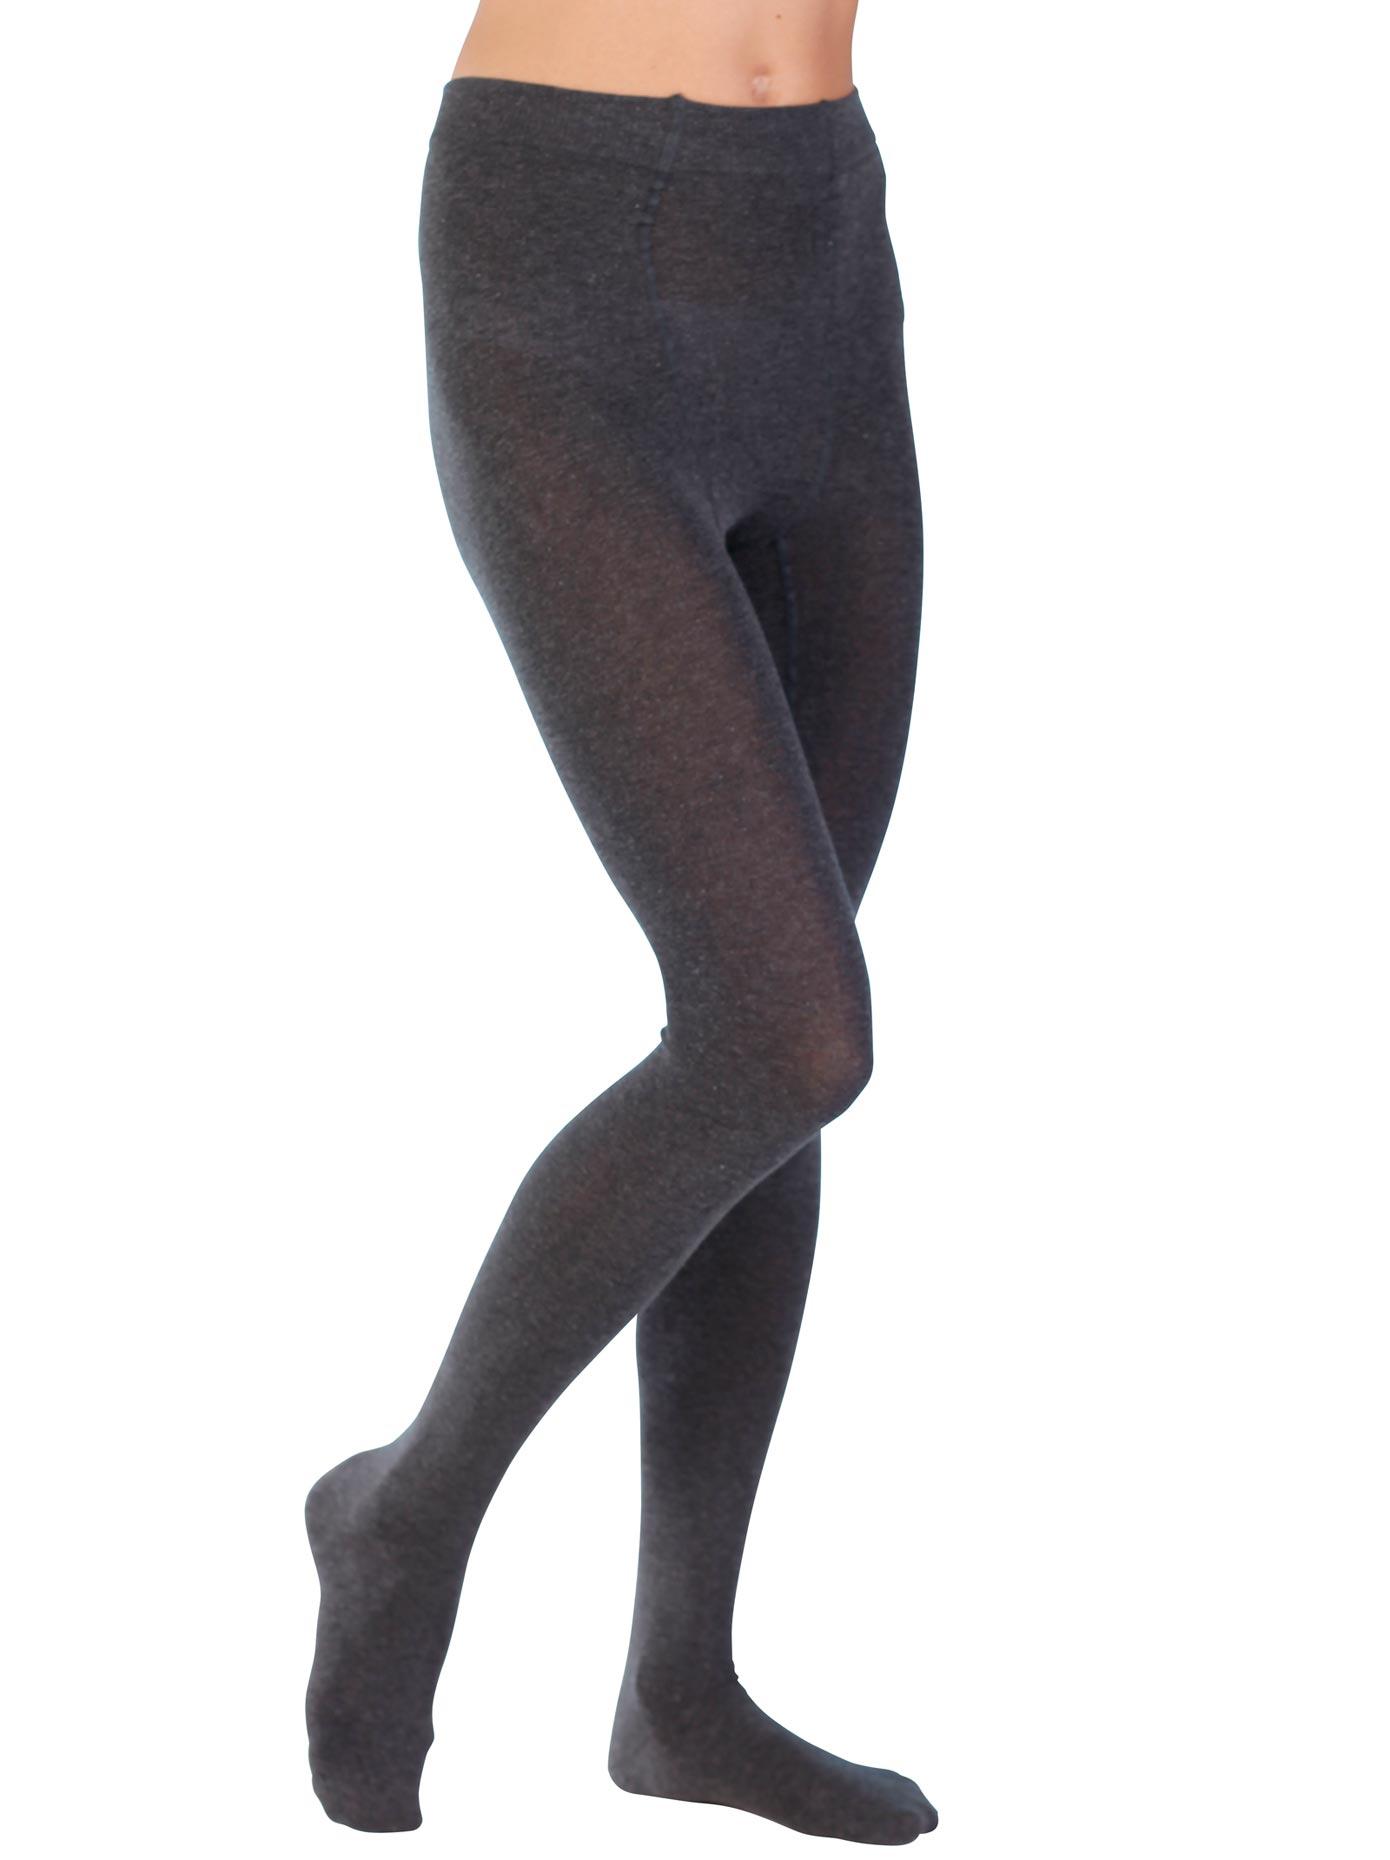 Hudson Strickstrumpfhose schwarz Damen Strickstrumpfhosen Strumpfhosen Damenwäsche